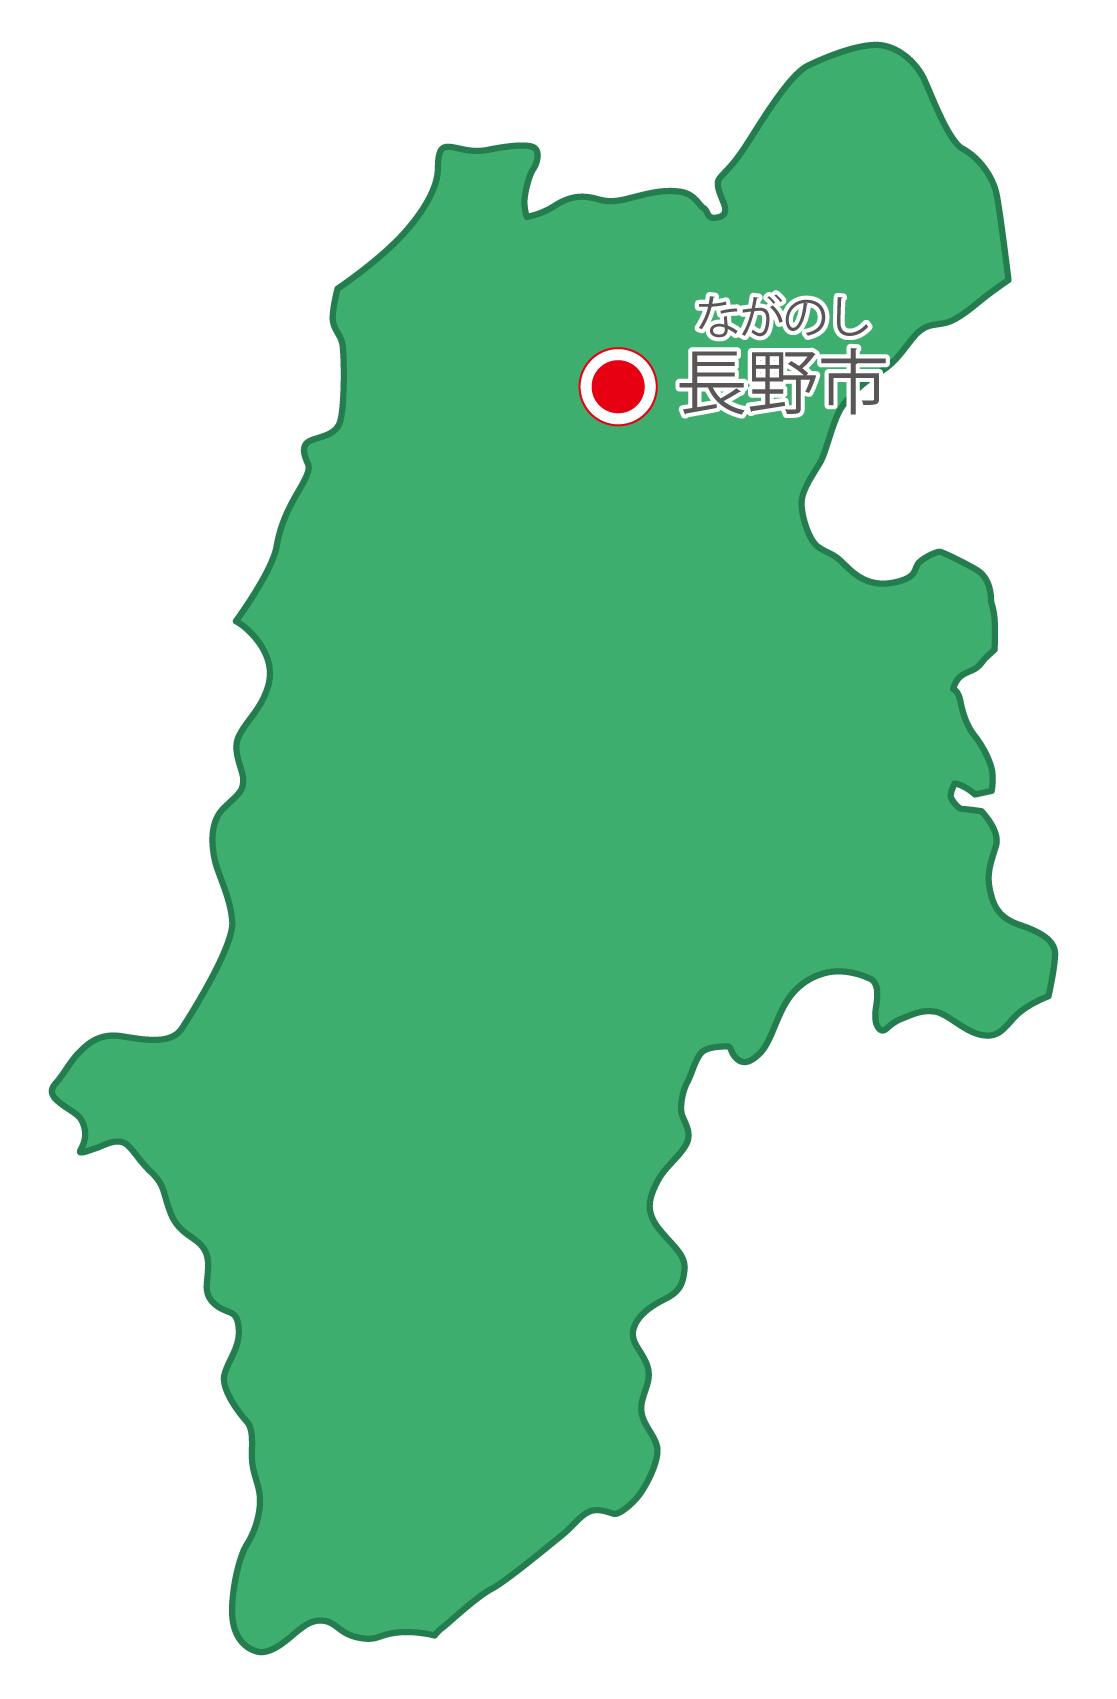 長野県無料フリーイラスト|日本語・県庁所在地あり・ルビあり(緑)